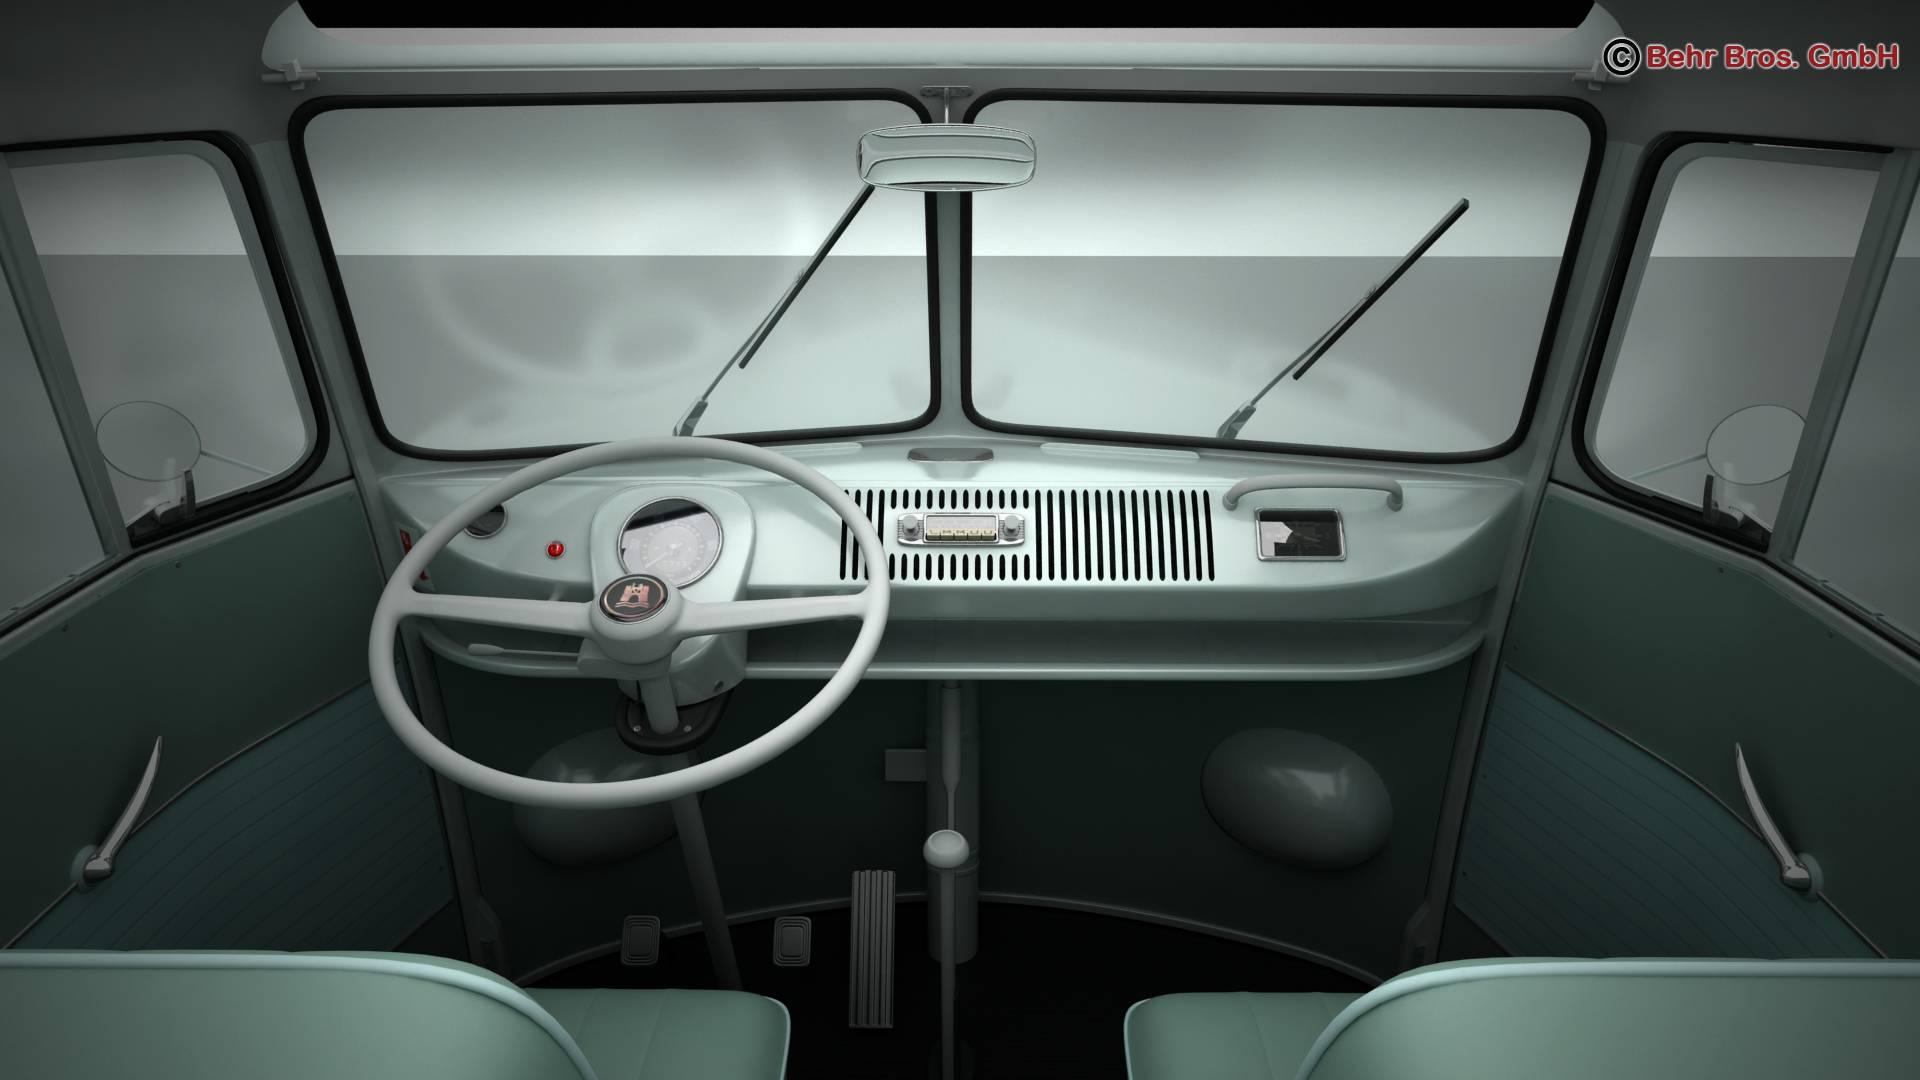 Volkswagen T1 Samba 1963 Accessories 3d model 3ds max fbx c4d lwo ma mb obj 266853